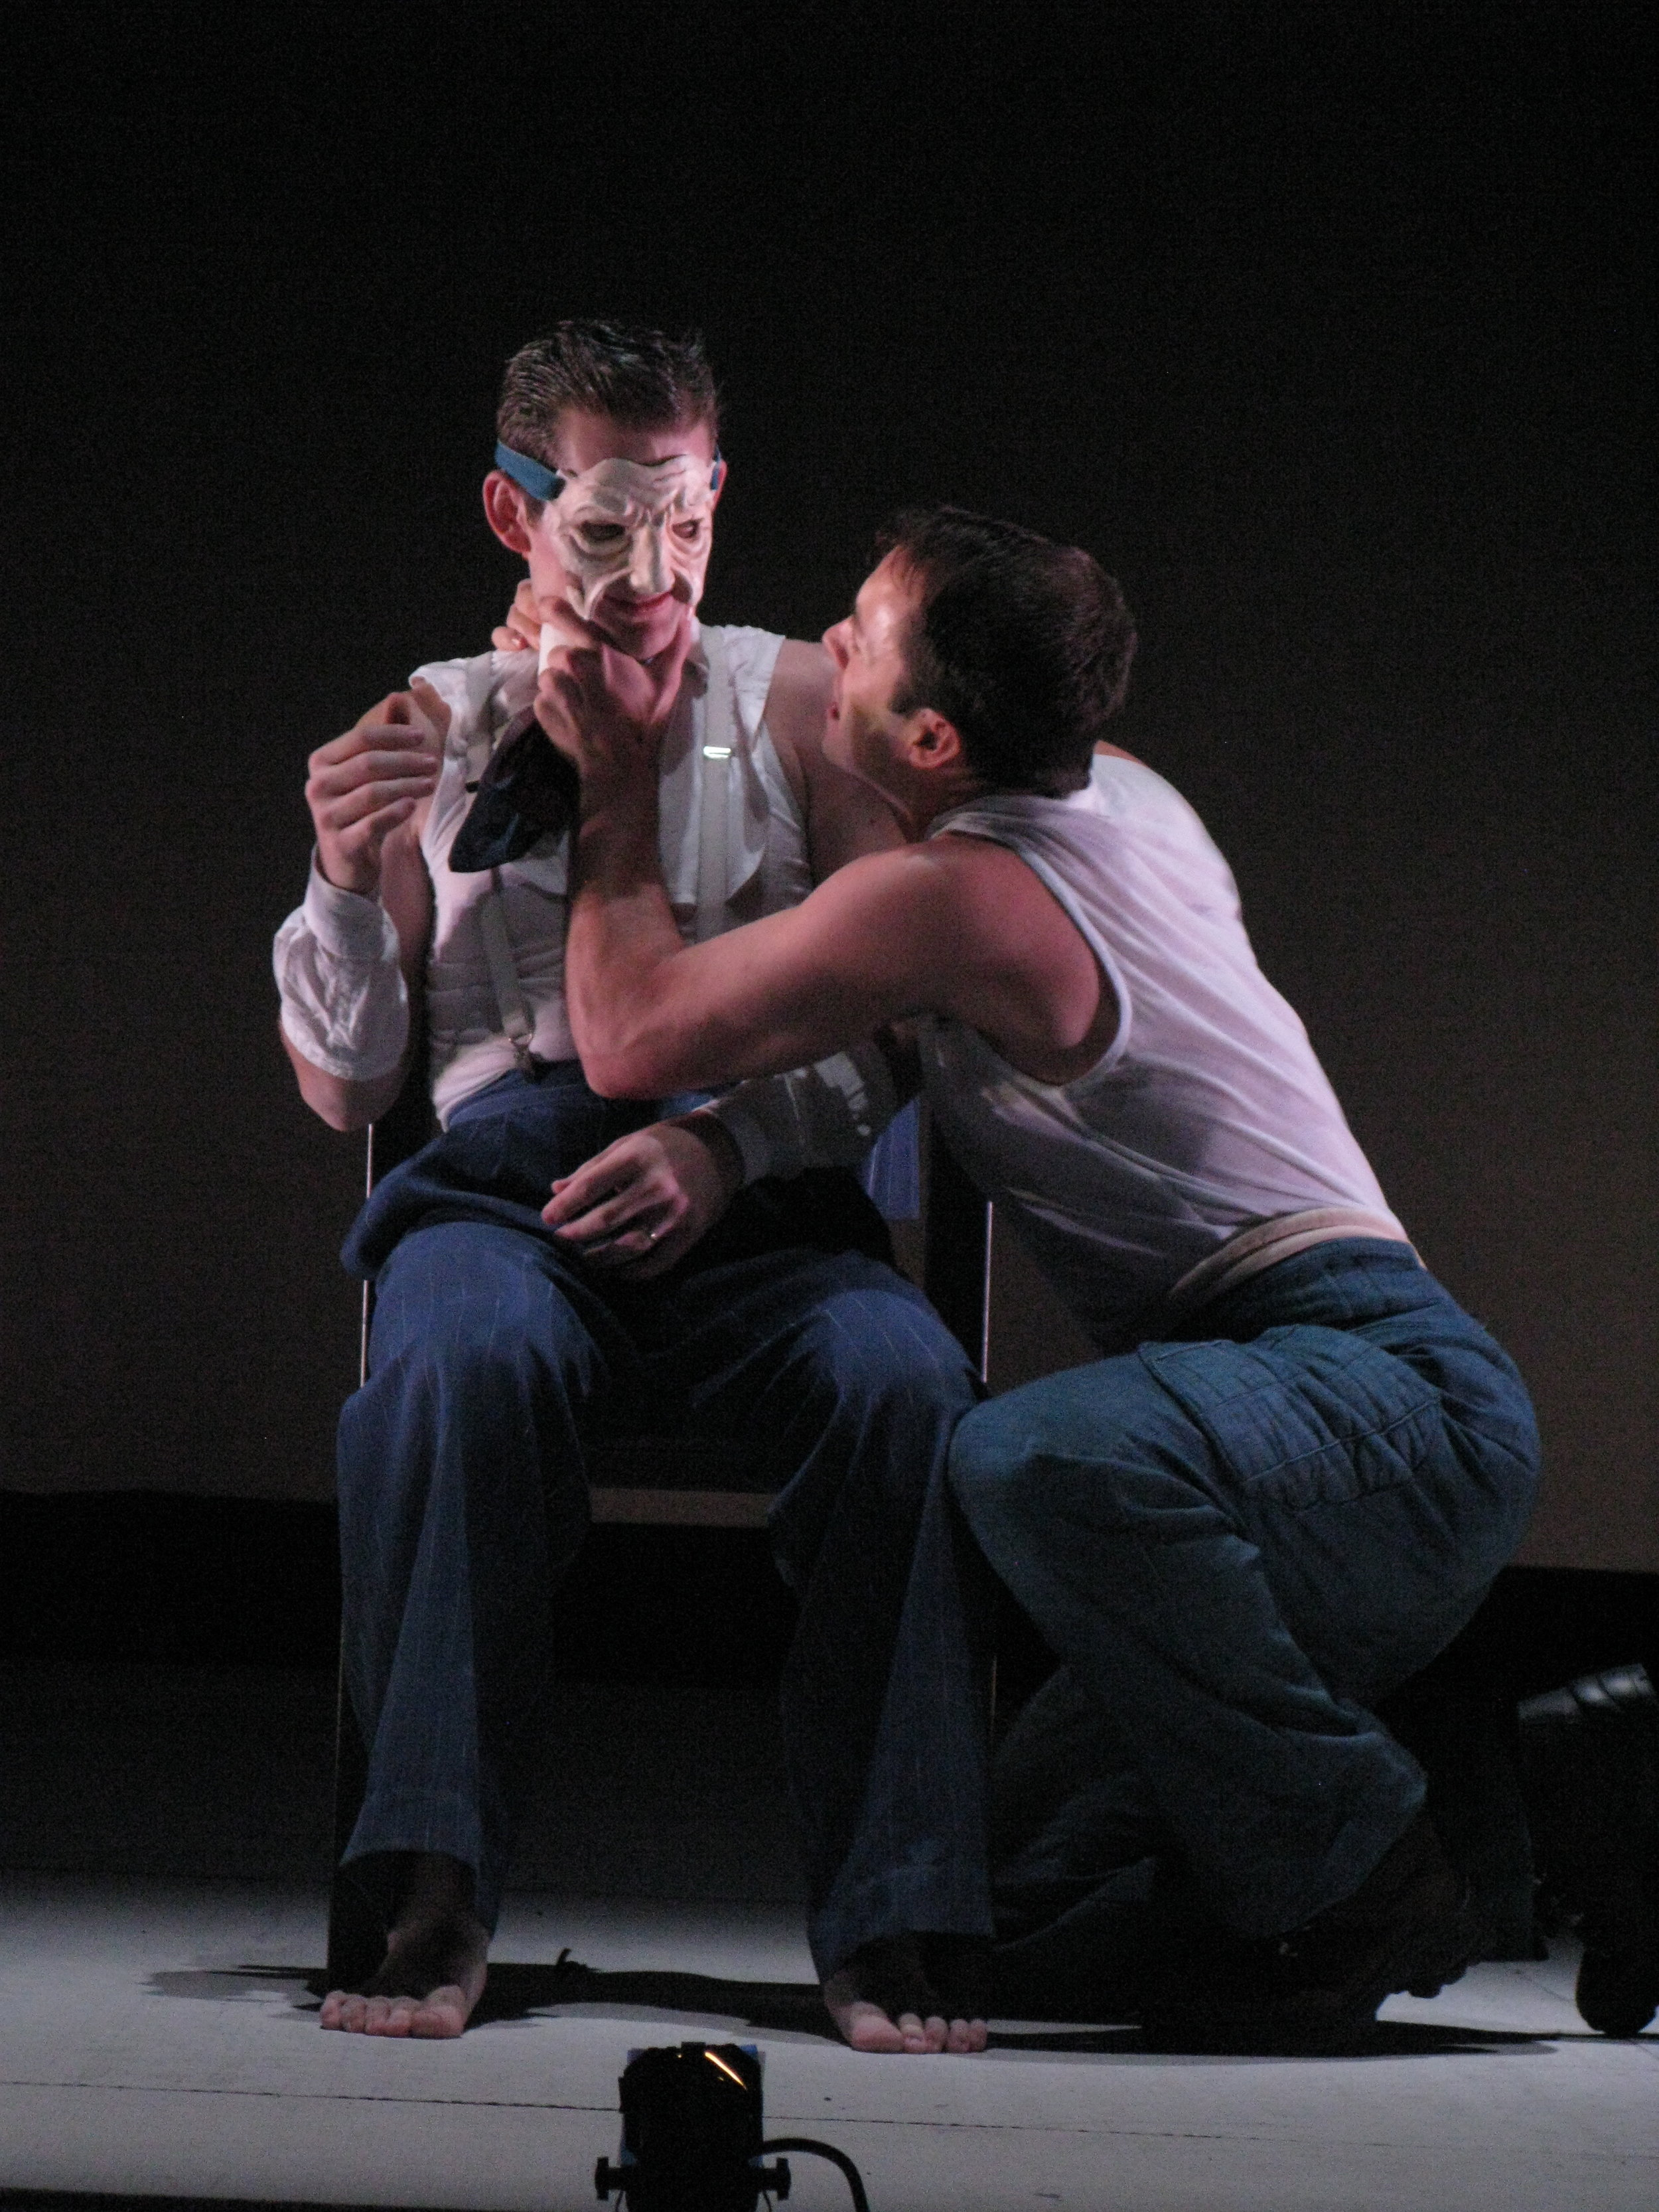 DEATH OF A SALESMAN | Theater Mitu, dir. Rubén Polendo